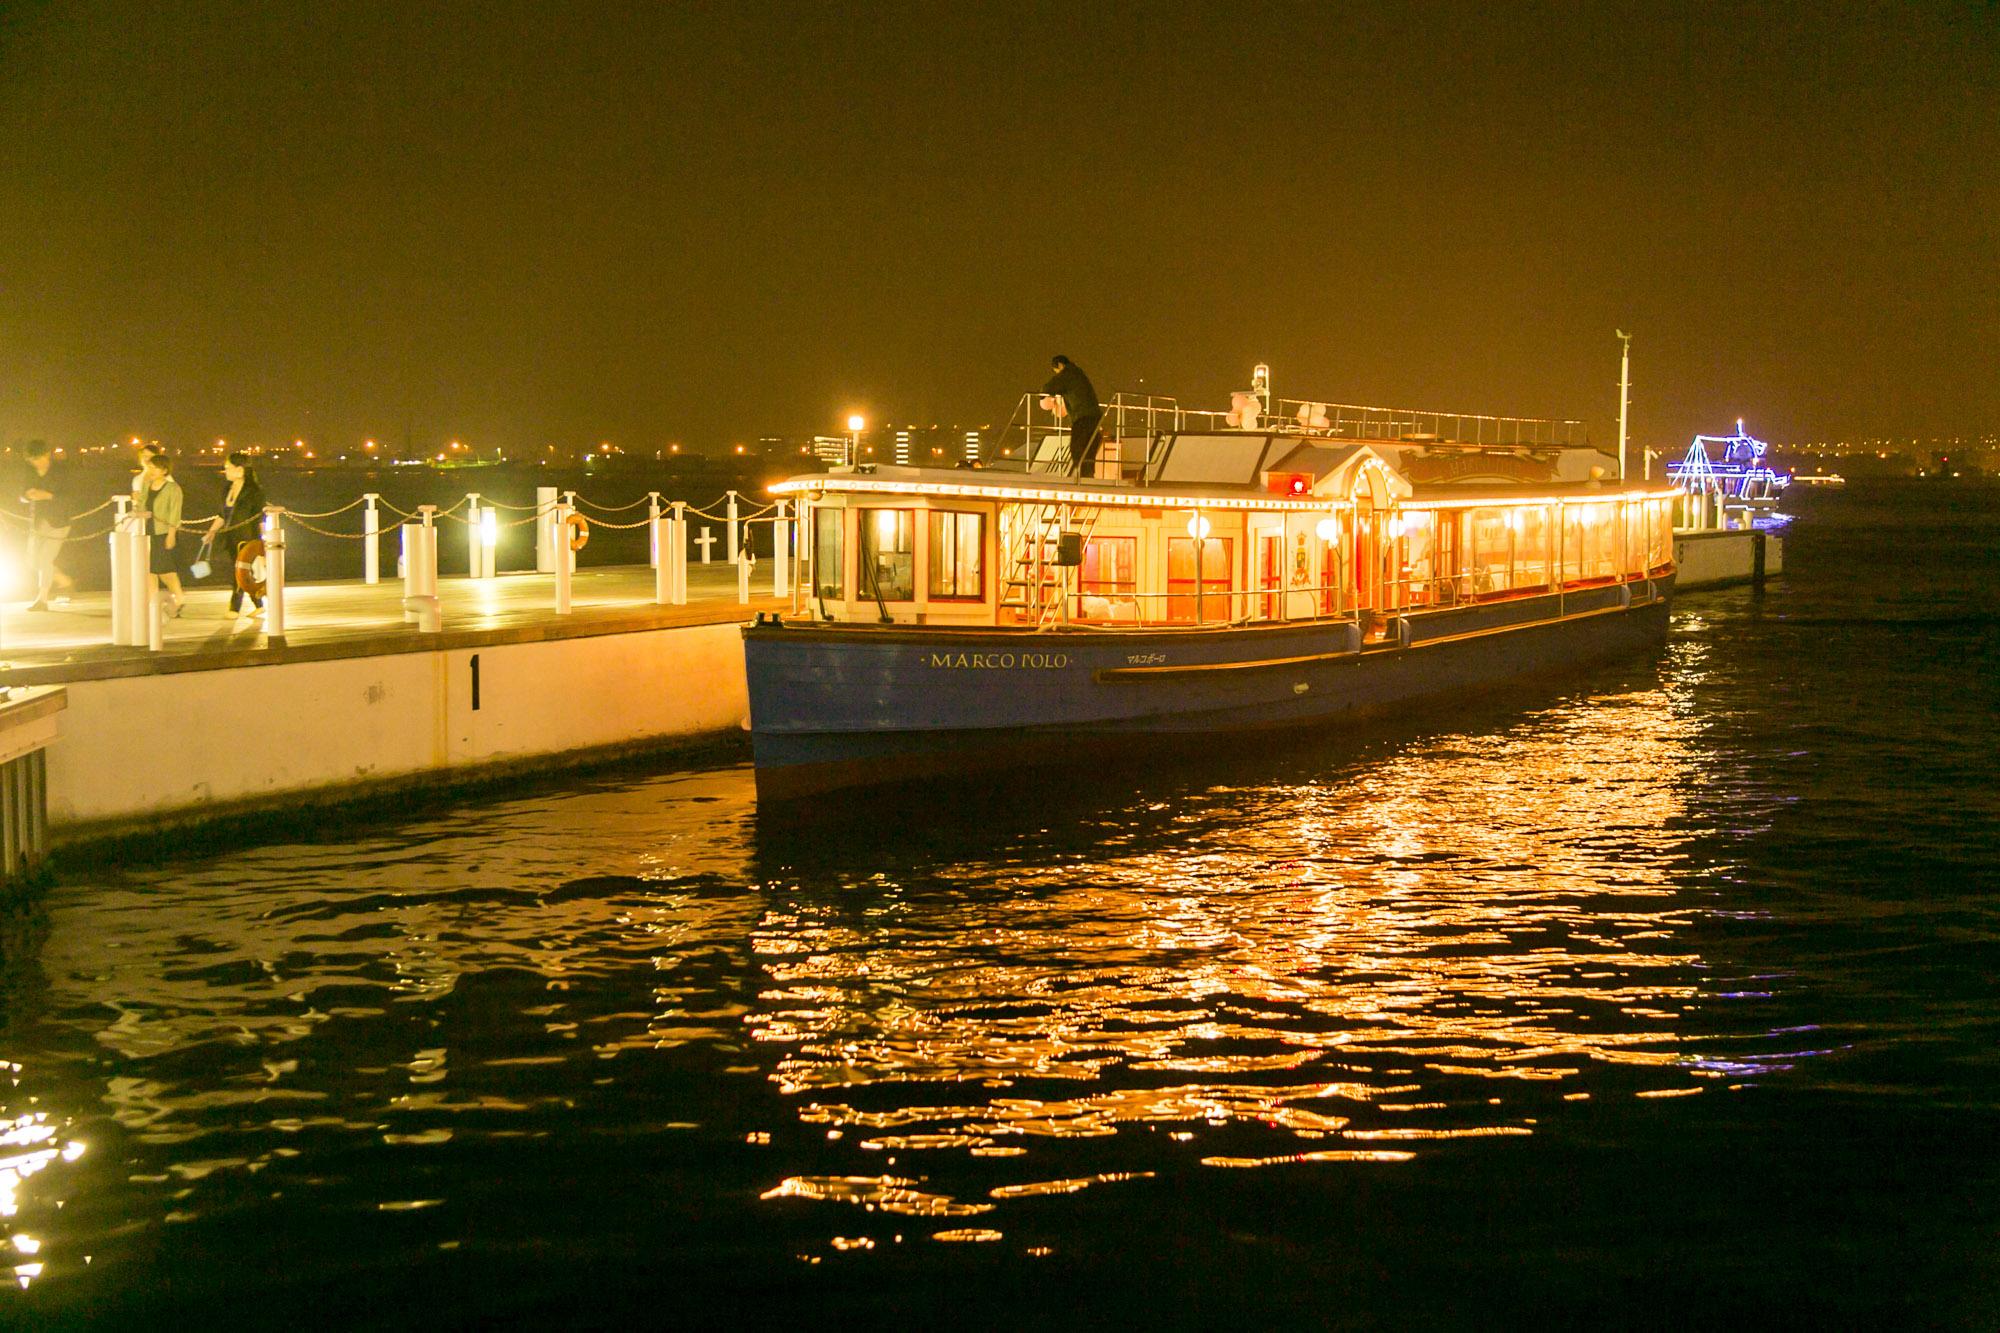 夜の海に浮かぶクルーザー